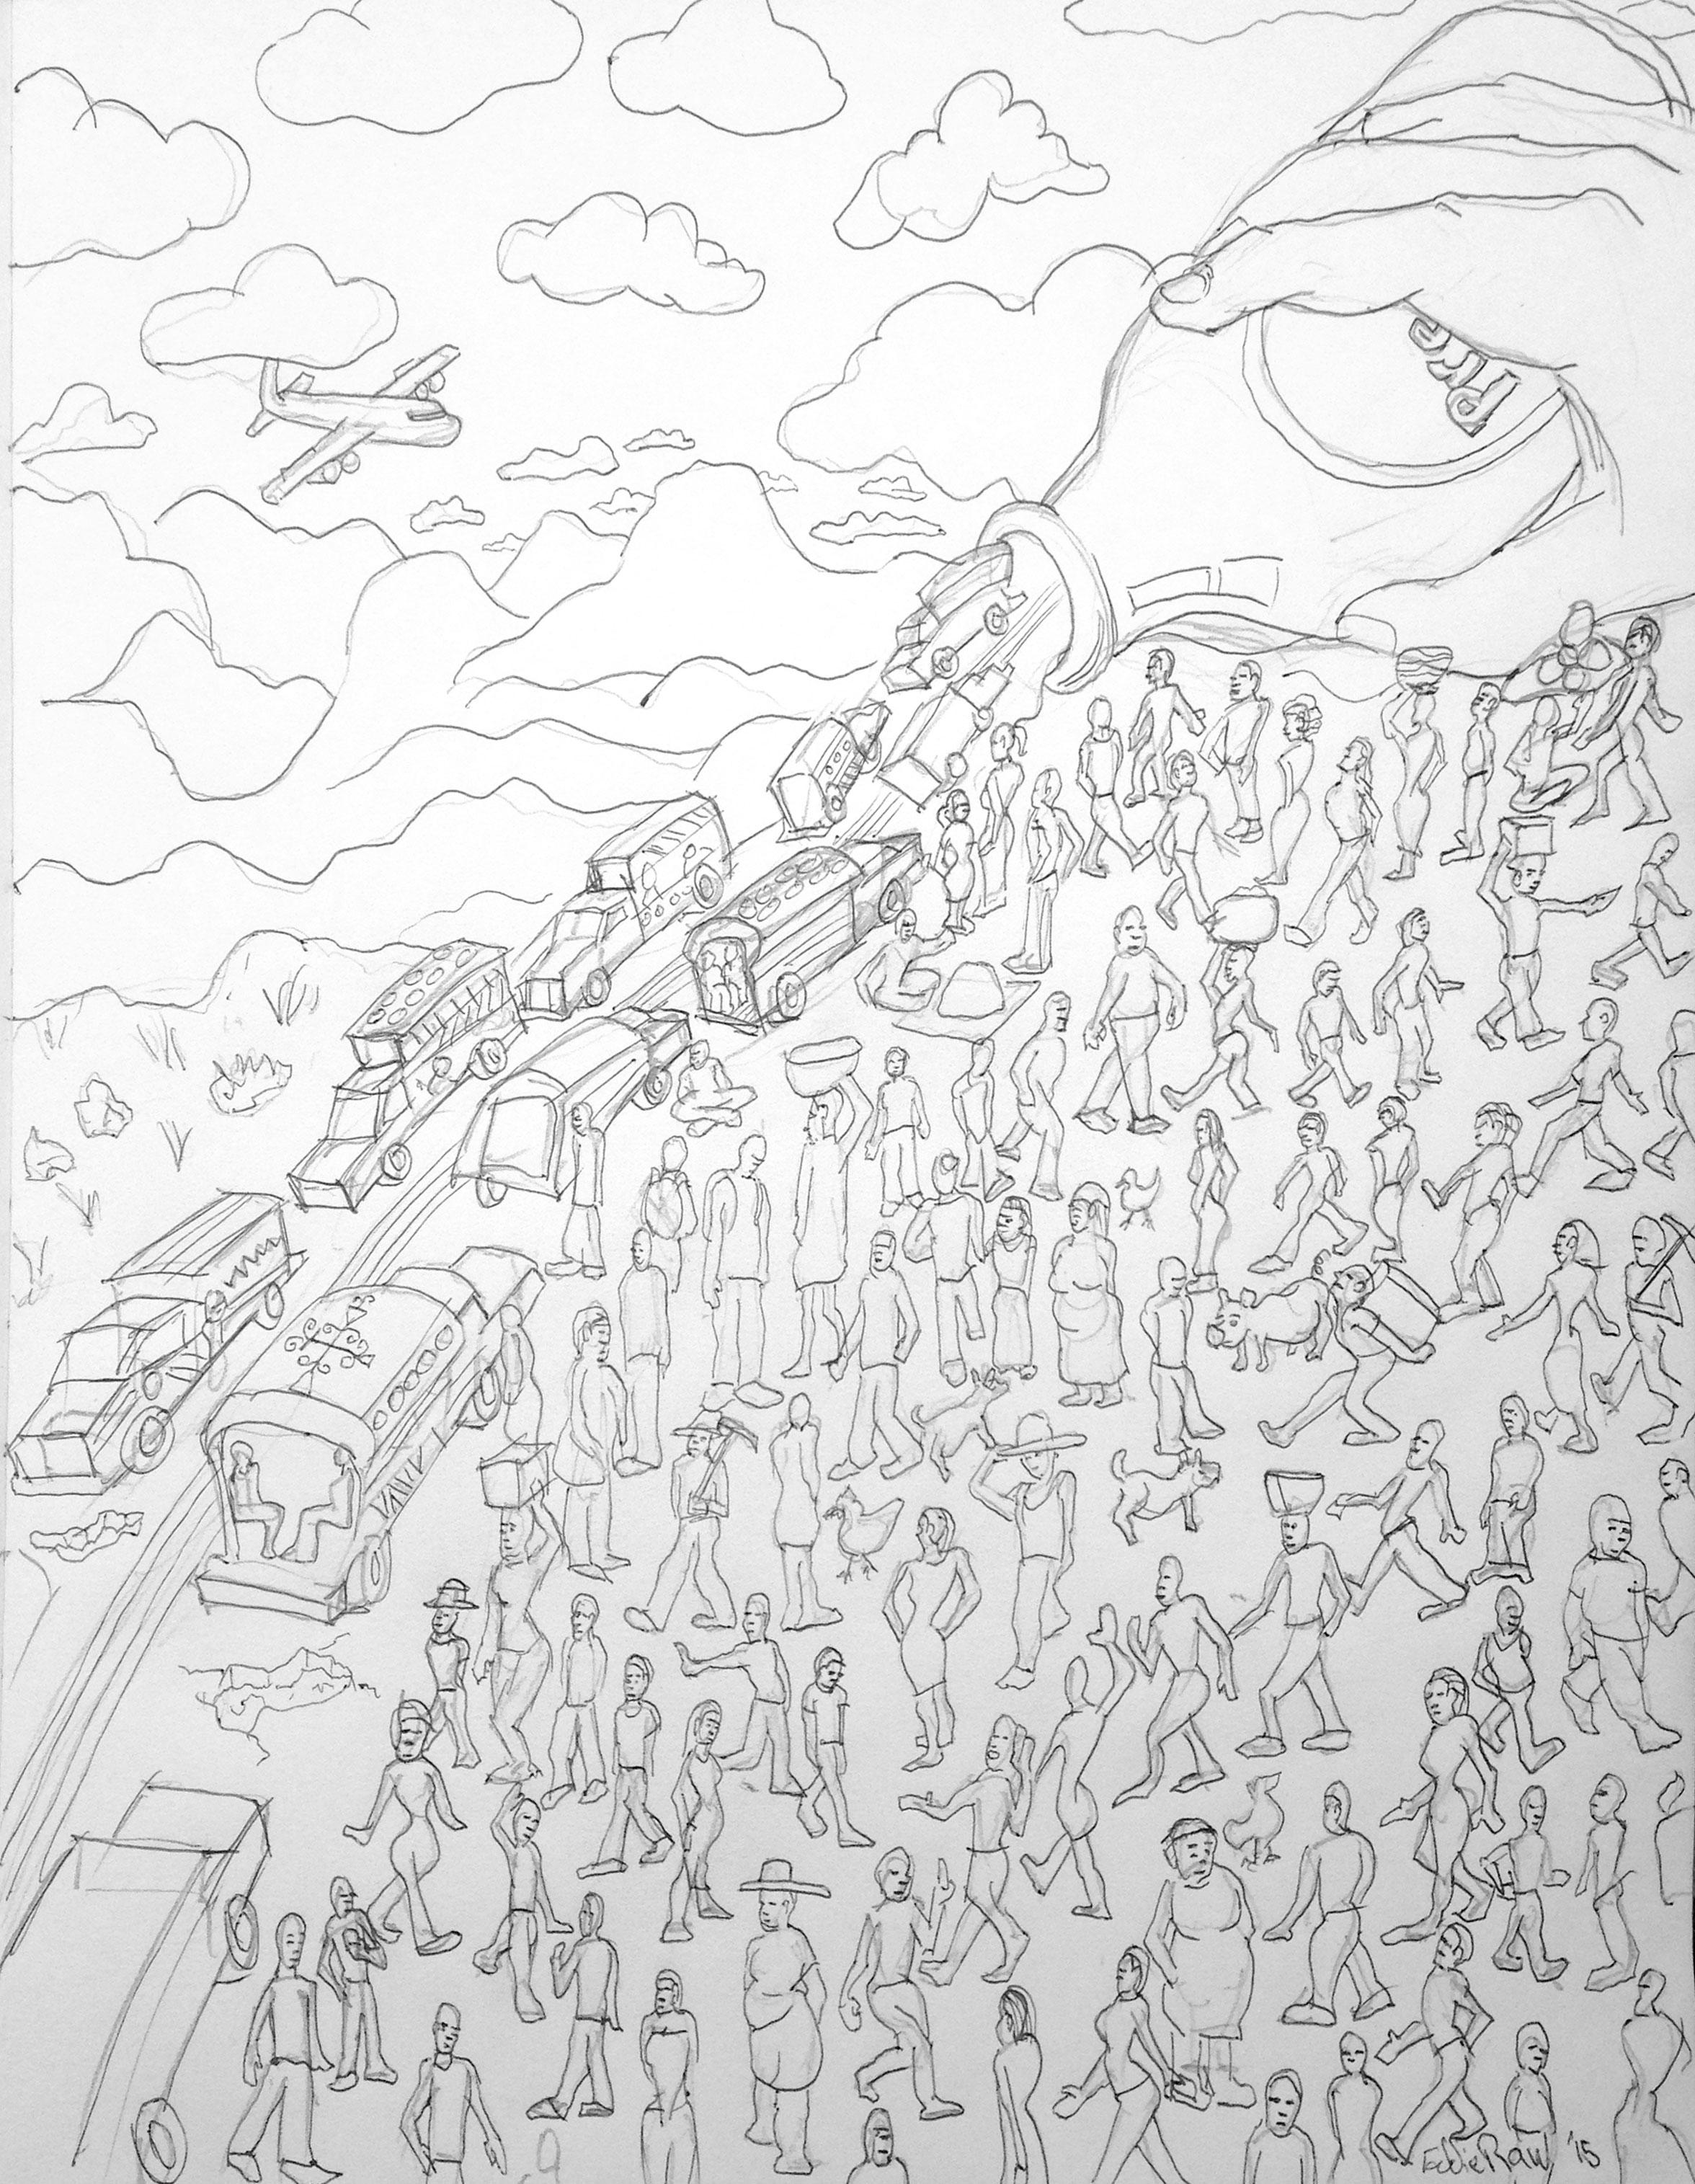 Drawing by Edward Rawson